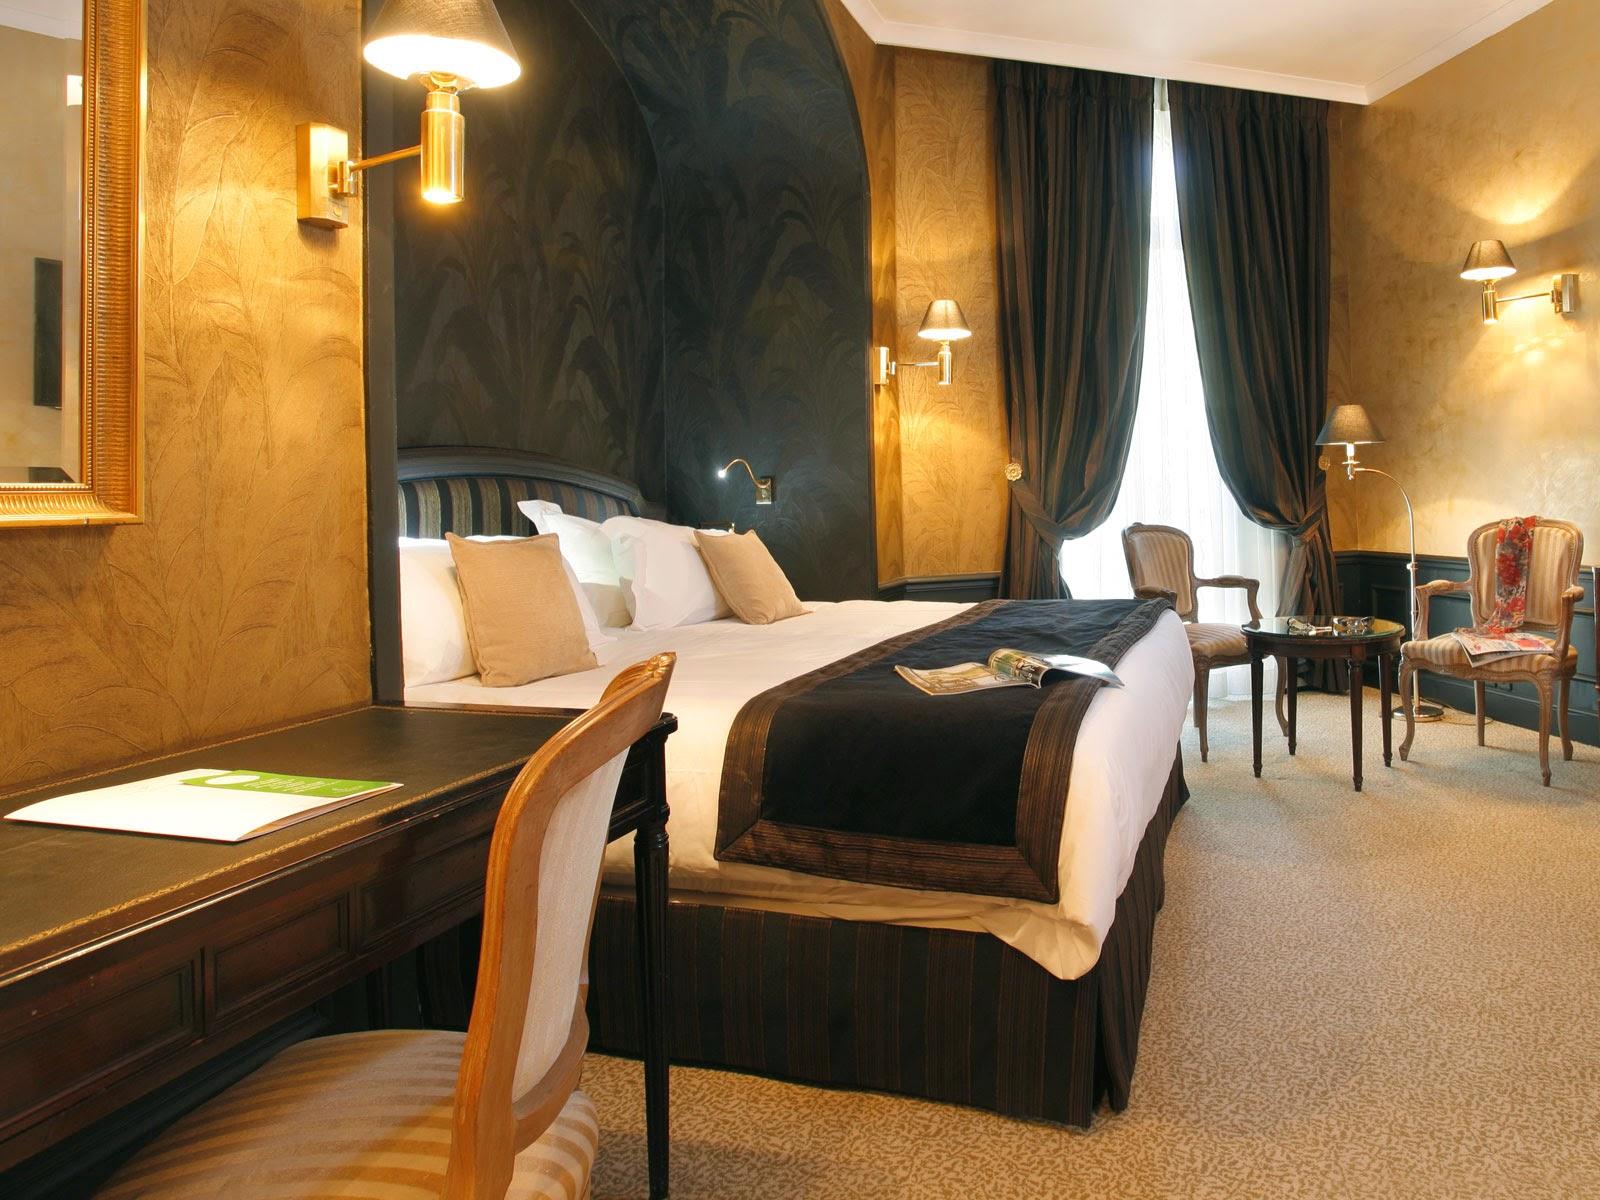 Habitación de hotel estilo art decó